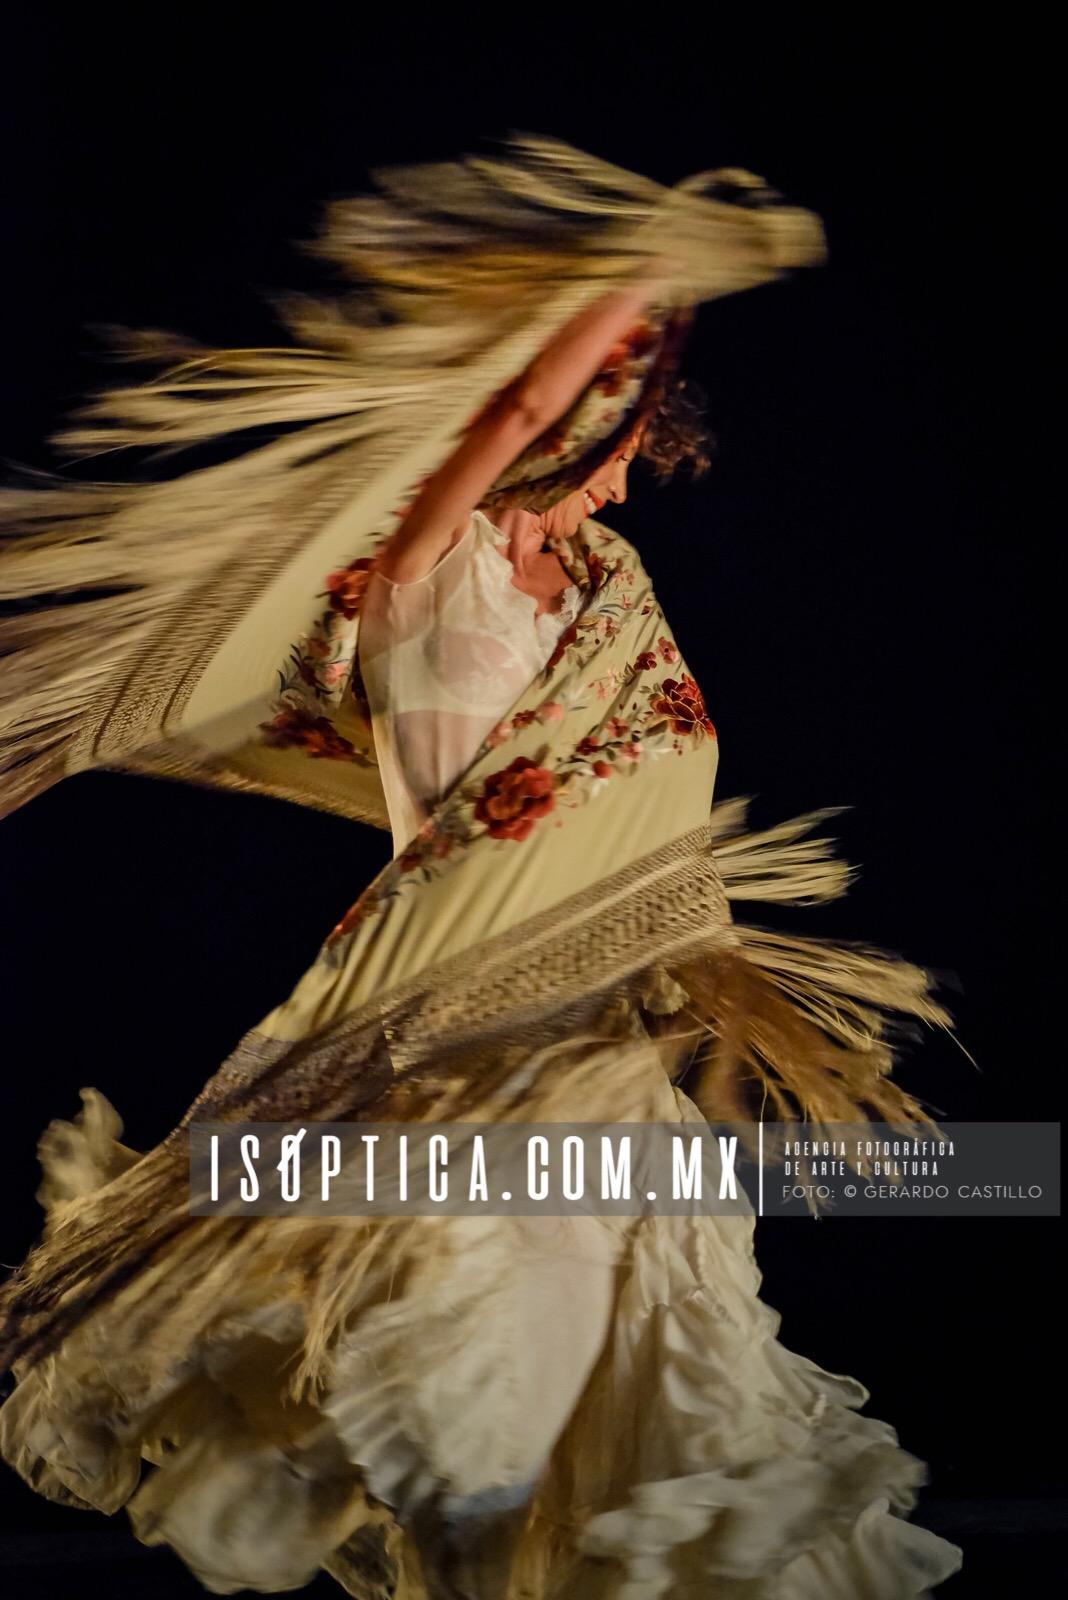 Se presenta la segunda Gala MULTIESTELAR en el Teatro Metropolitano dentro del Ibérica Contemporánea